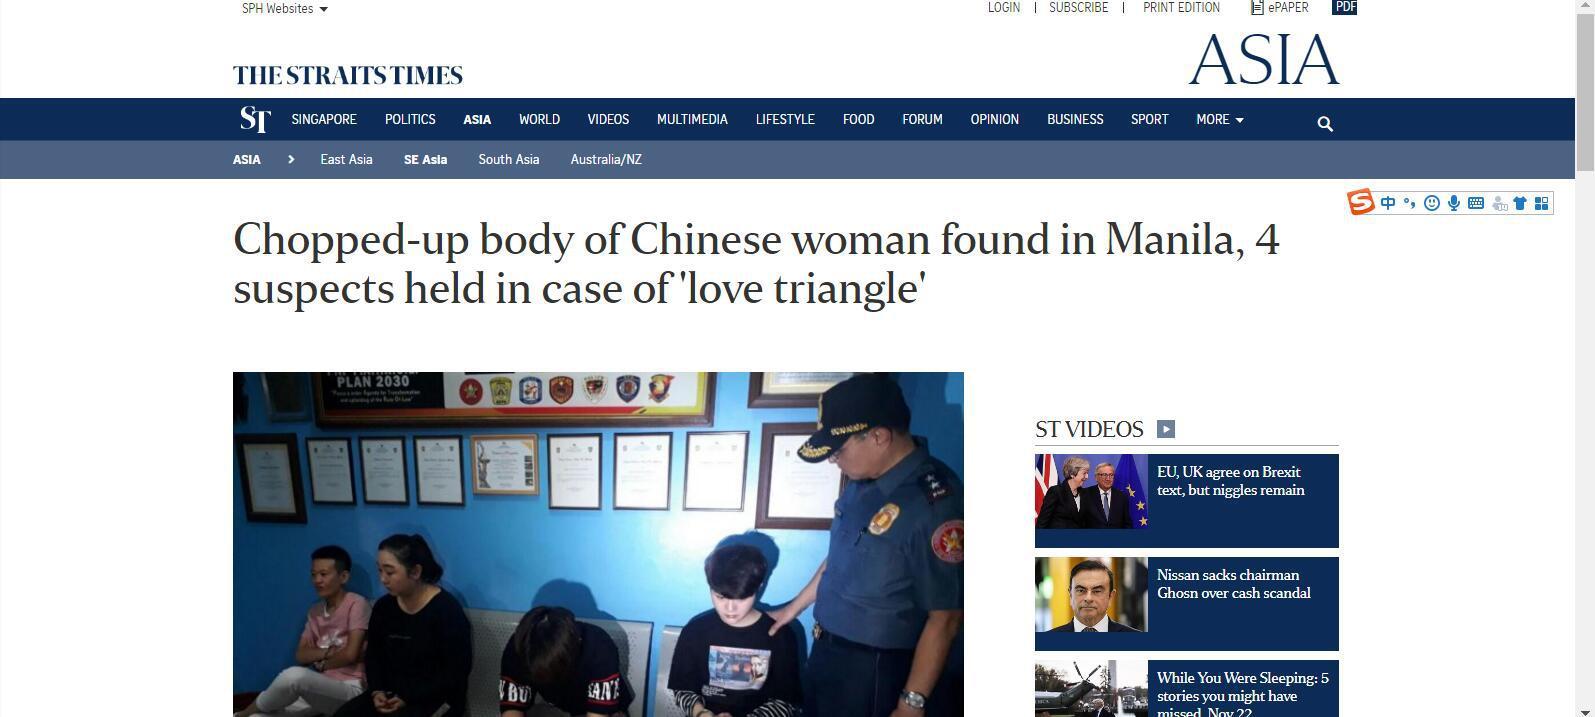 中国女子在马尼拉被分尸成6部分 疑与三角恋有关